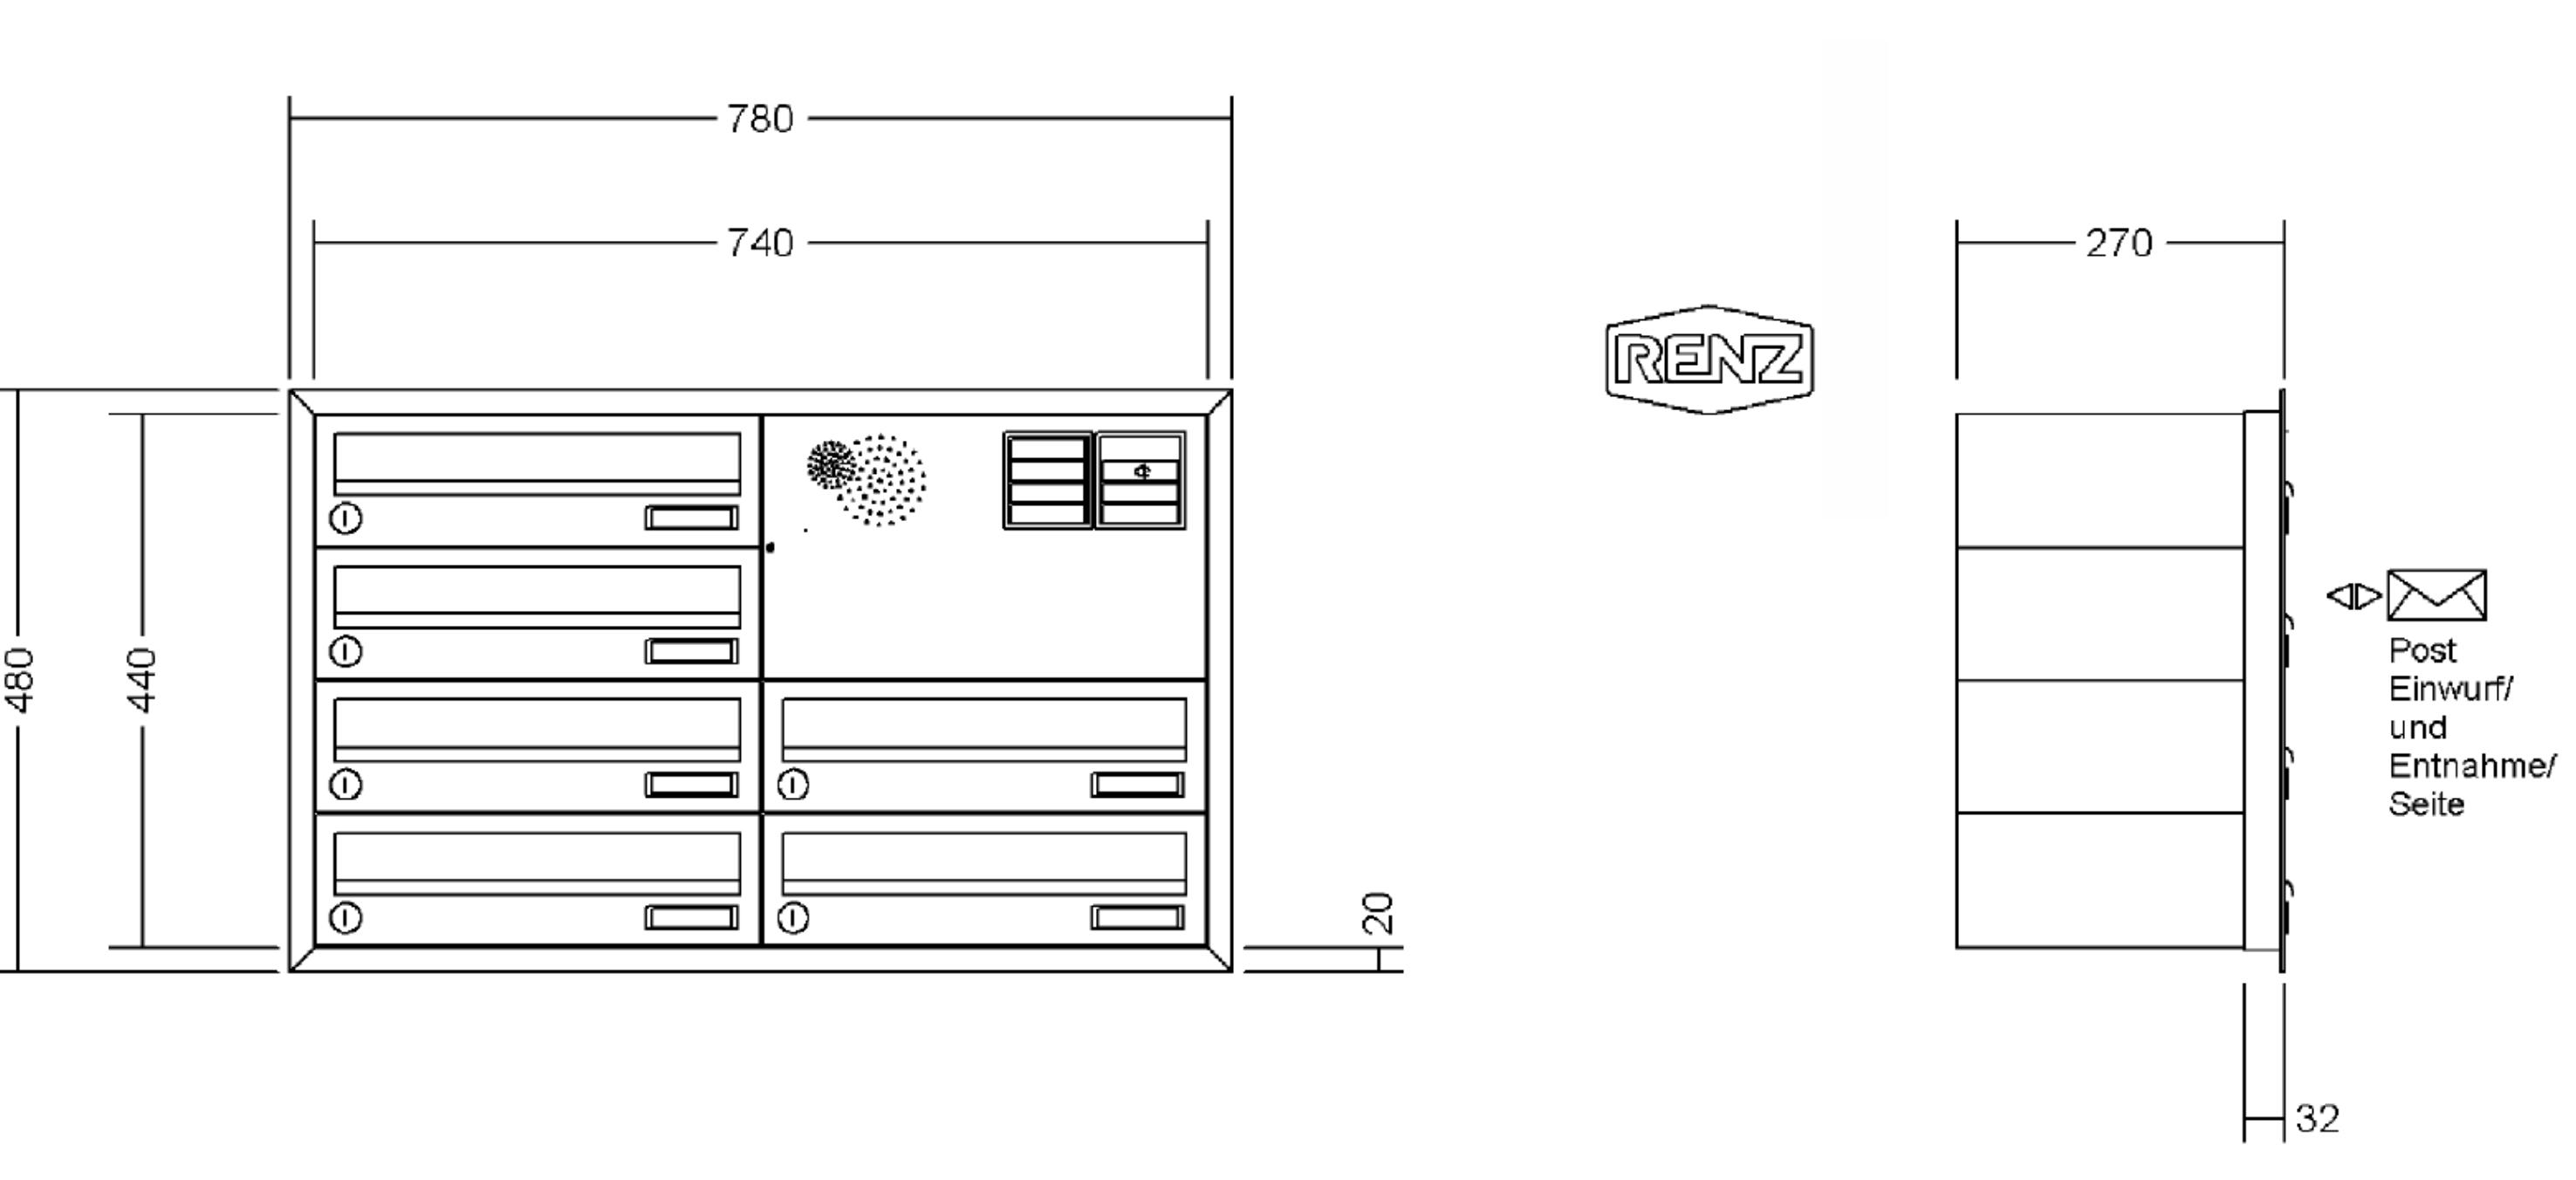 renz briefkastenanlage unterputz basic putzabdeckrahmen kastenformat 370x110x270mm mit. Black Bedroom Furniture Sets. Home Design Ideas